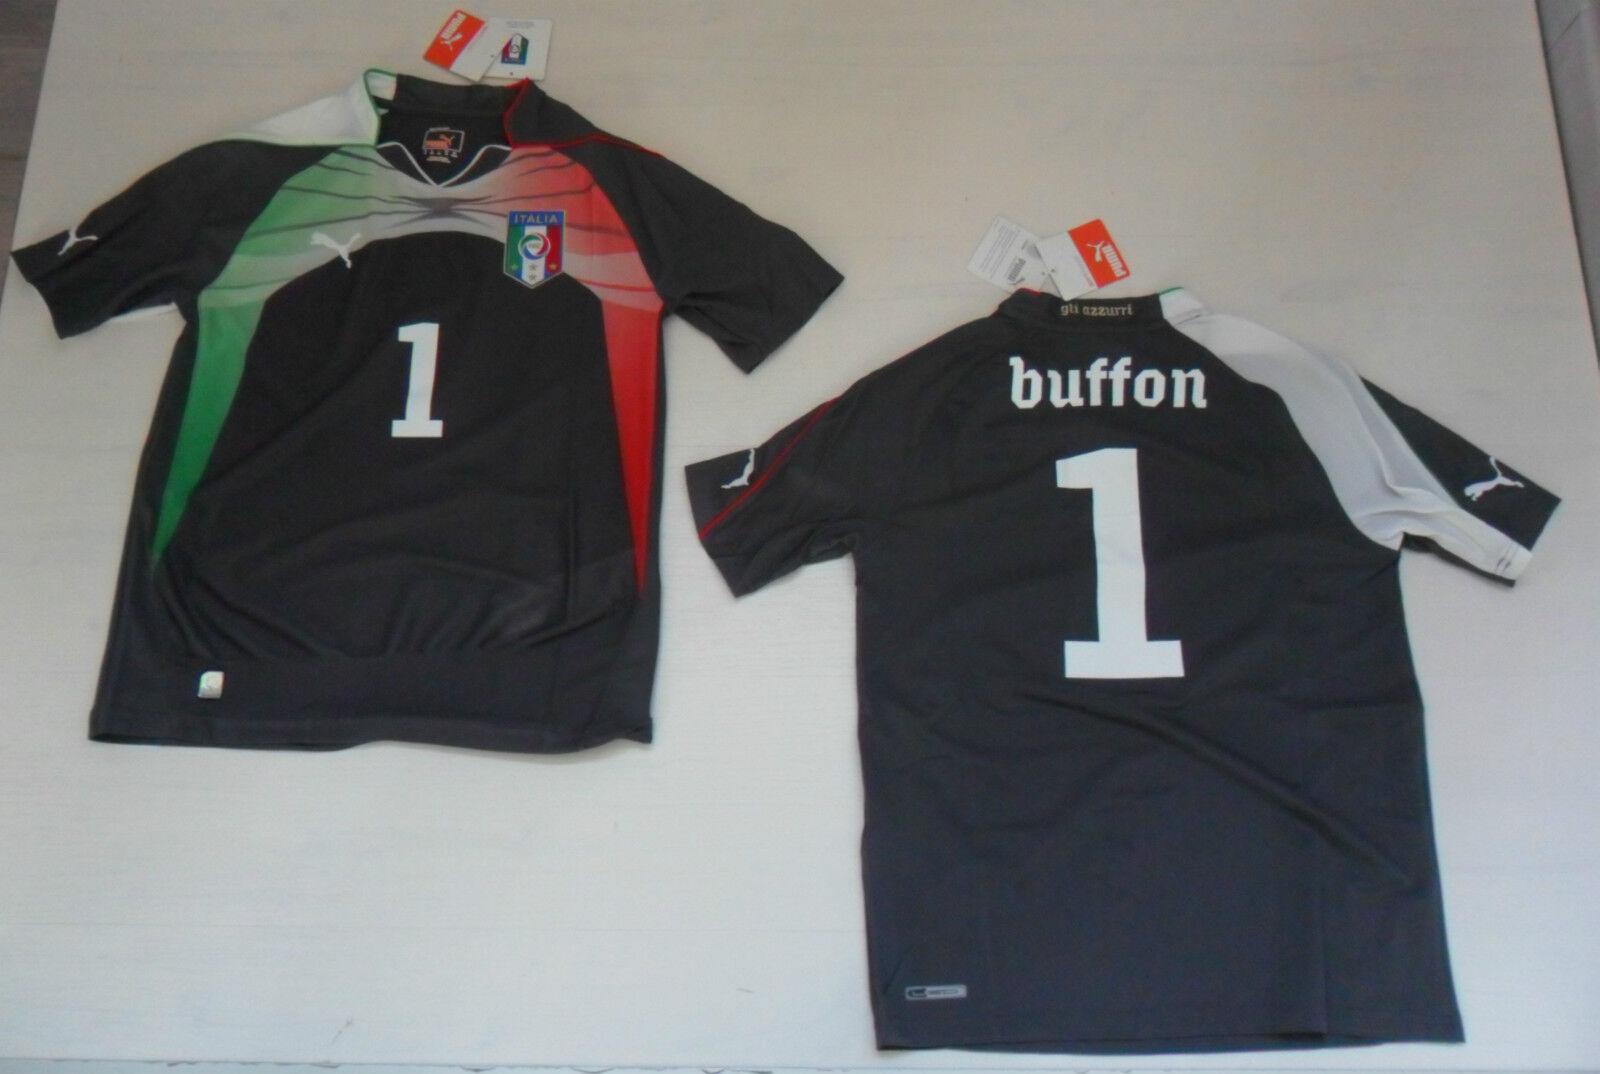 FW13 PUMA  14 anni ITALIA BUFFON MAGLIA BAMBINO PORTIERE MAGLIETTA junior SHIRT